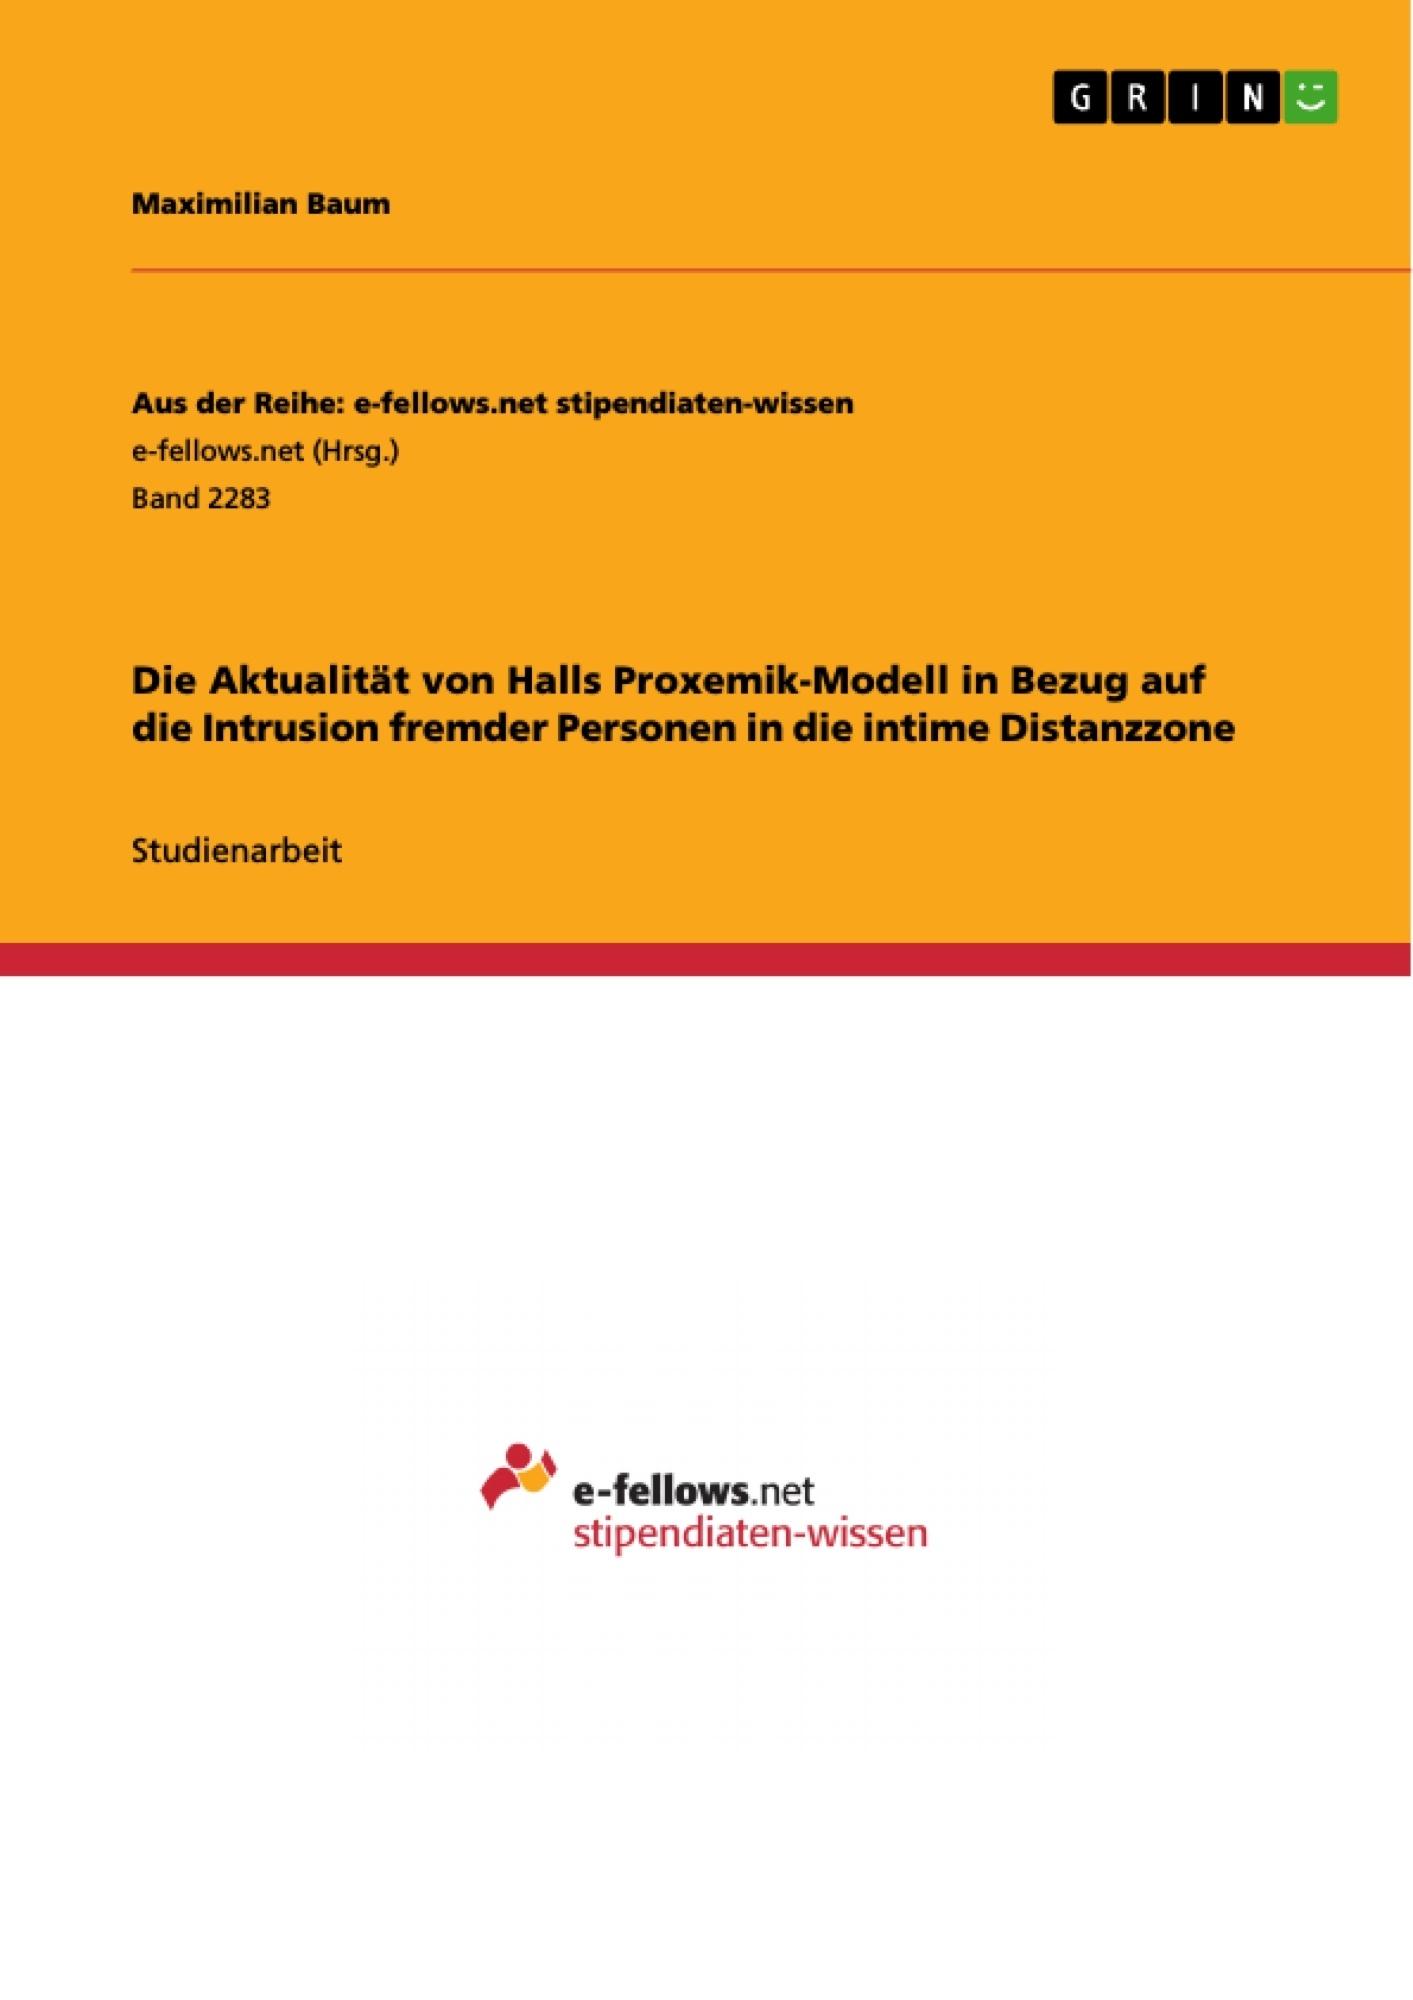 Titel: Die Aktualität von Halls Proxemik-Modell in Bezug auf die Intrusion fremder Personen in die intime Distanzzone